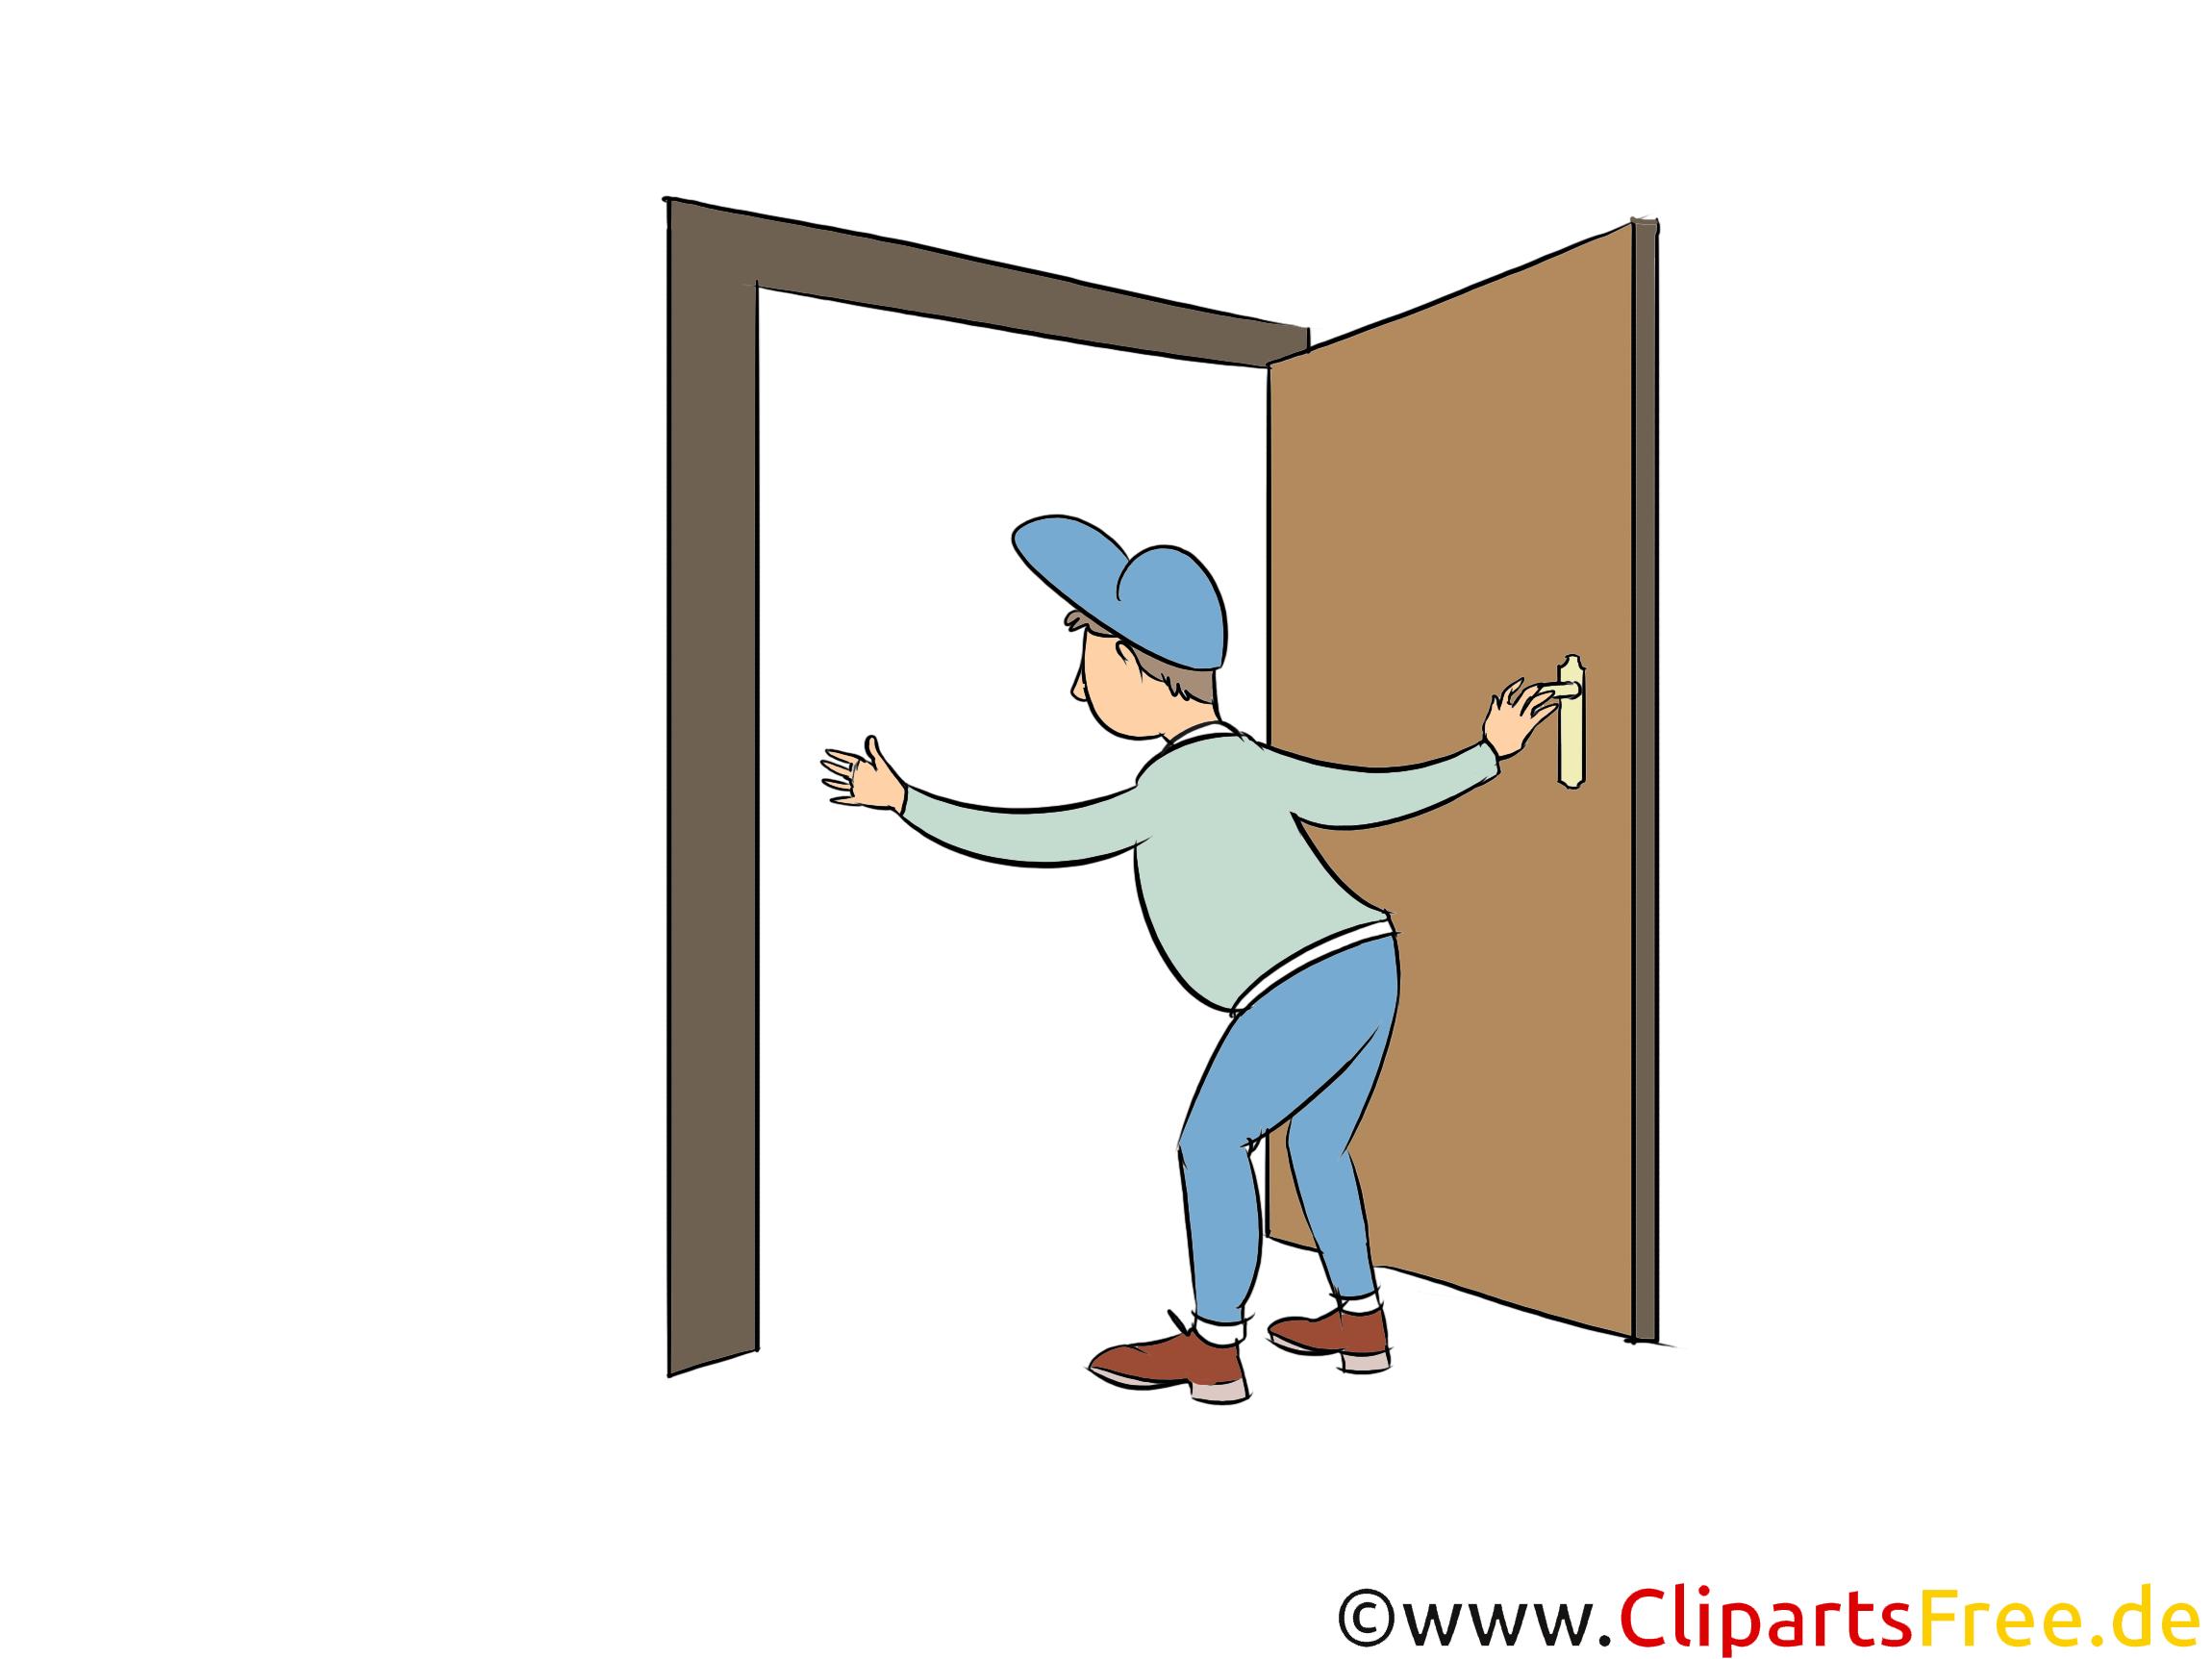 Tischler baut Tür ein Clipart Handwerk